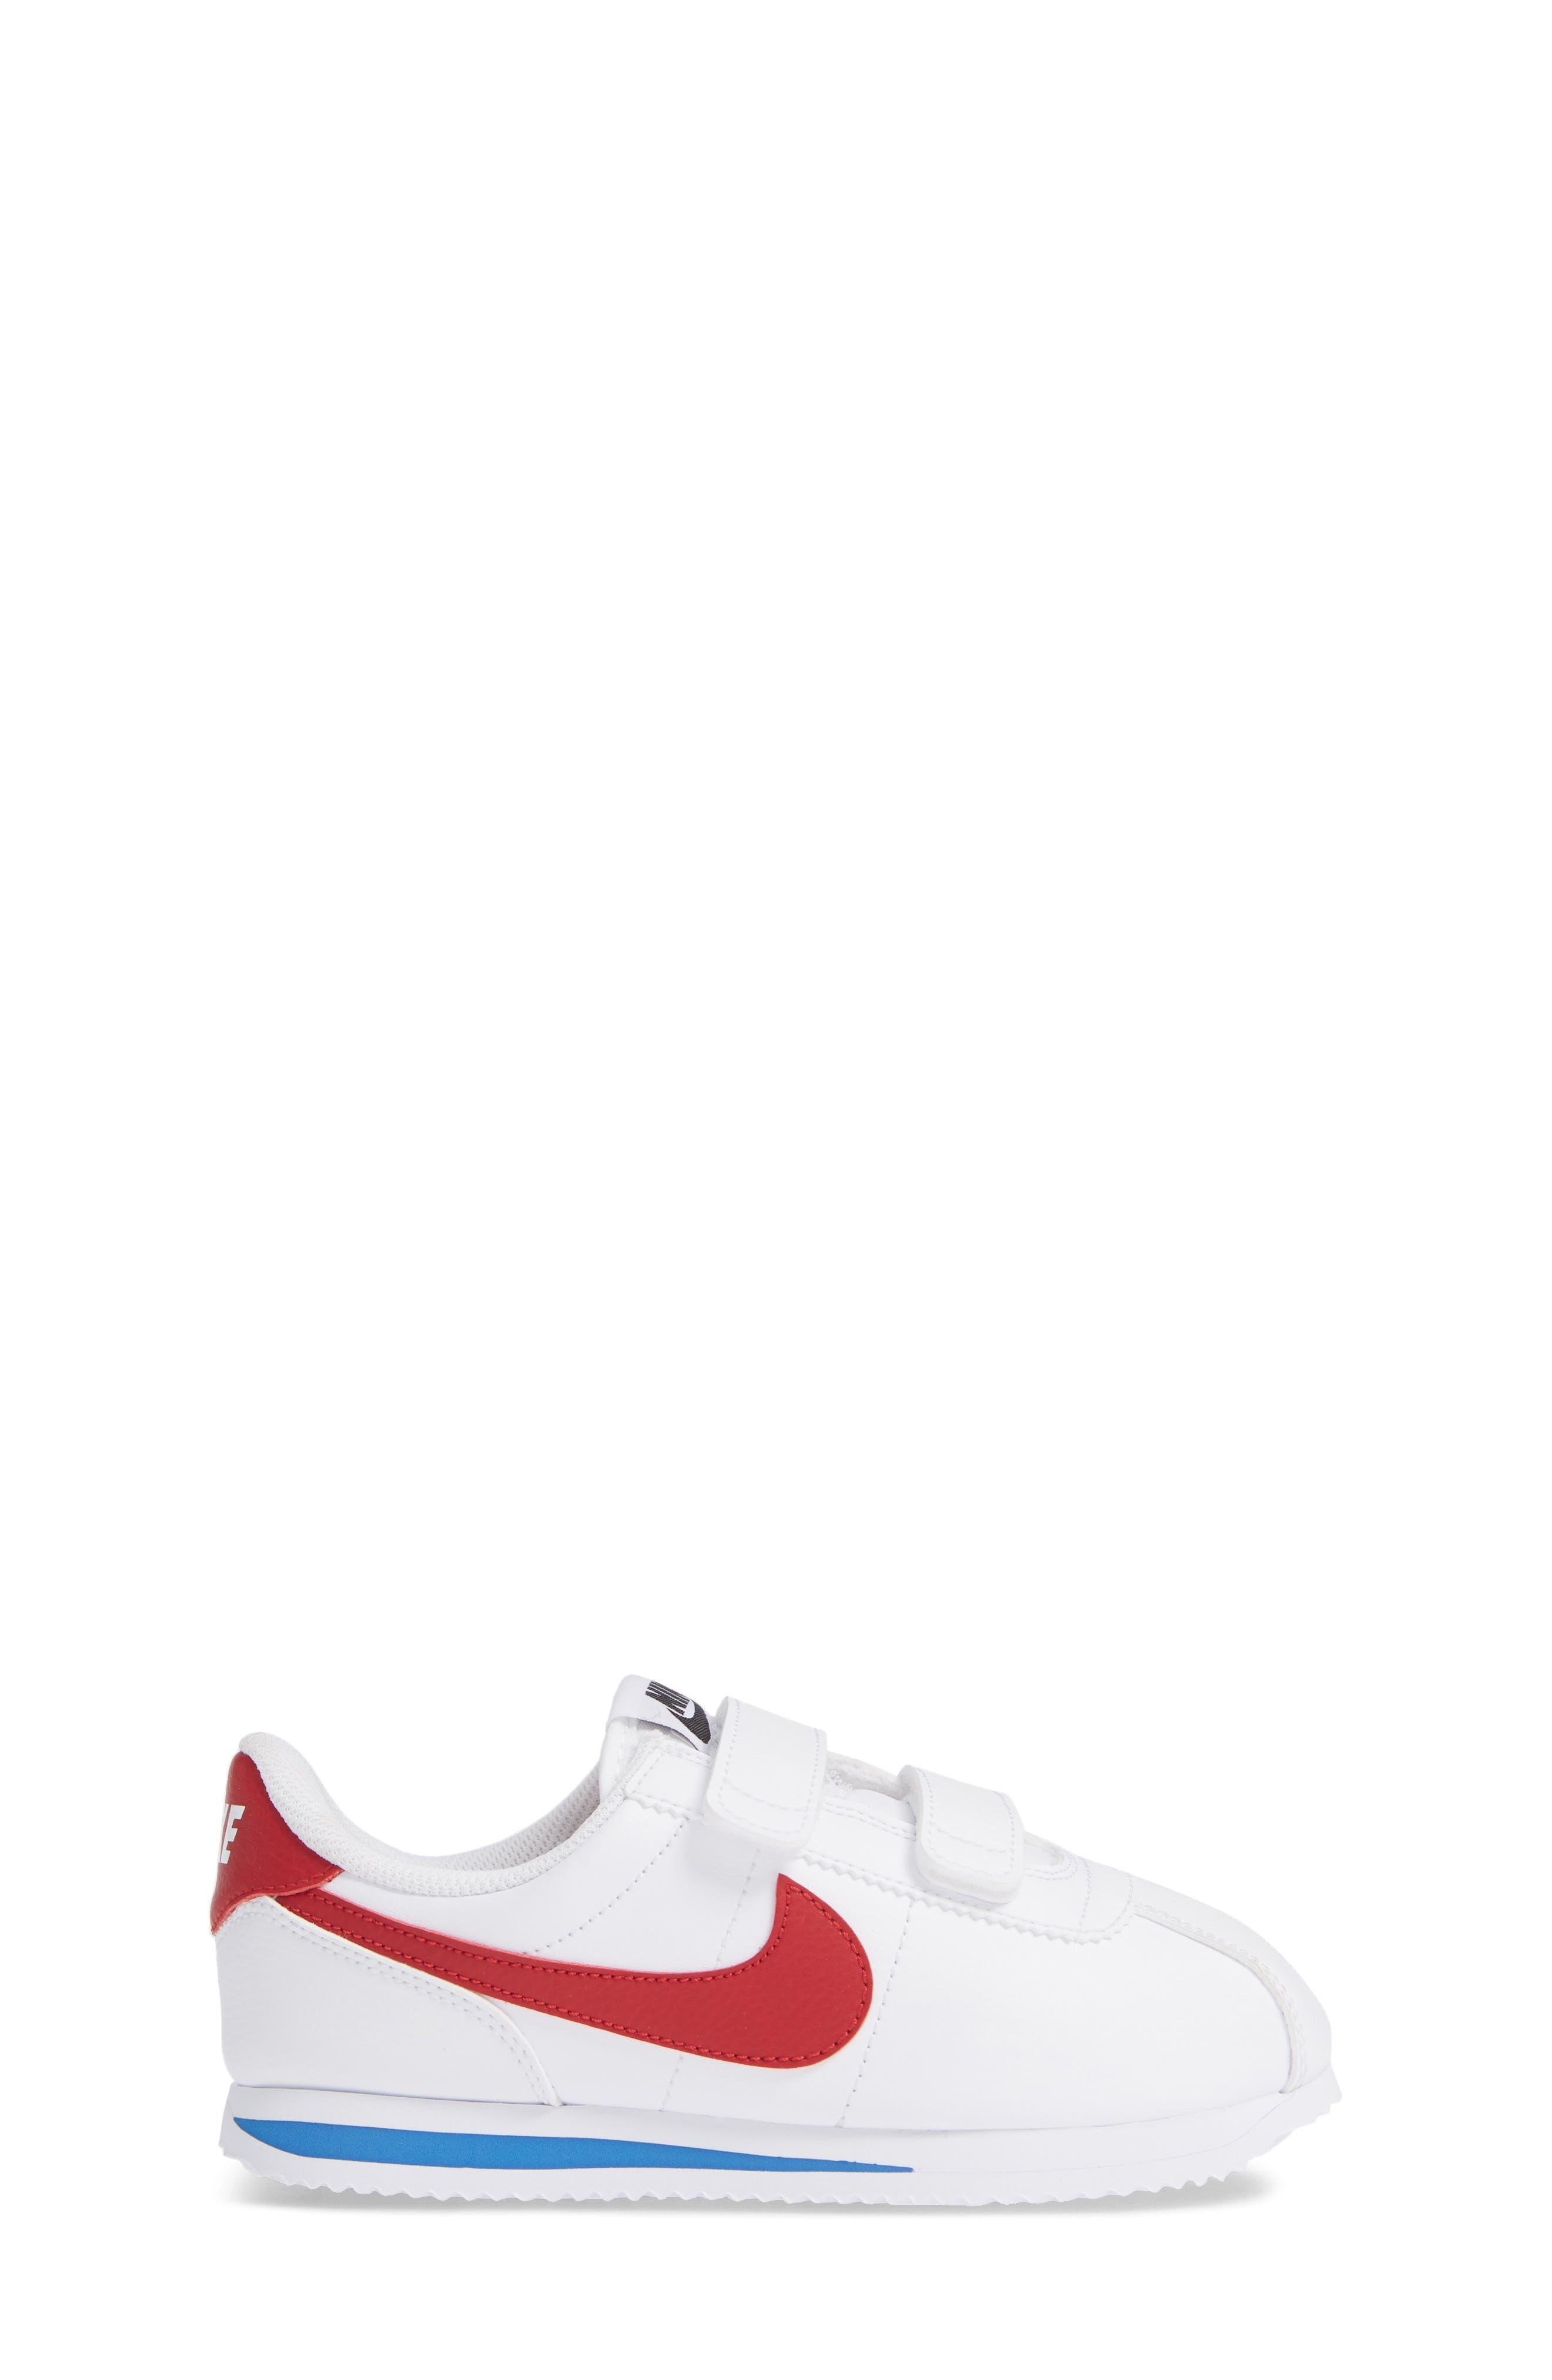 NIKE, Cortez Basic SL Sneaker, Alternate thumbnail 3, color, WHITE/ VARSITY RED/ BLACK